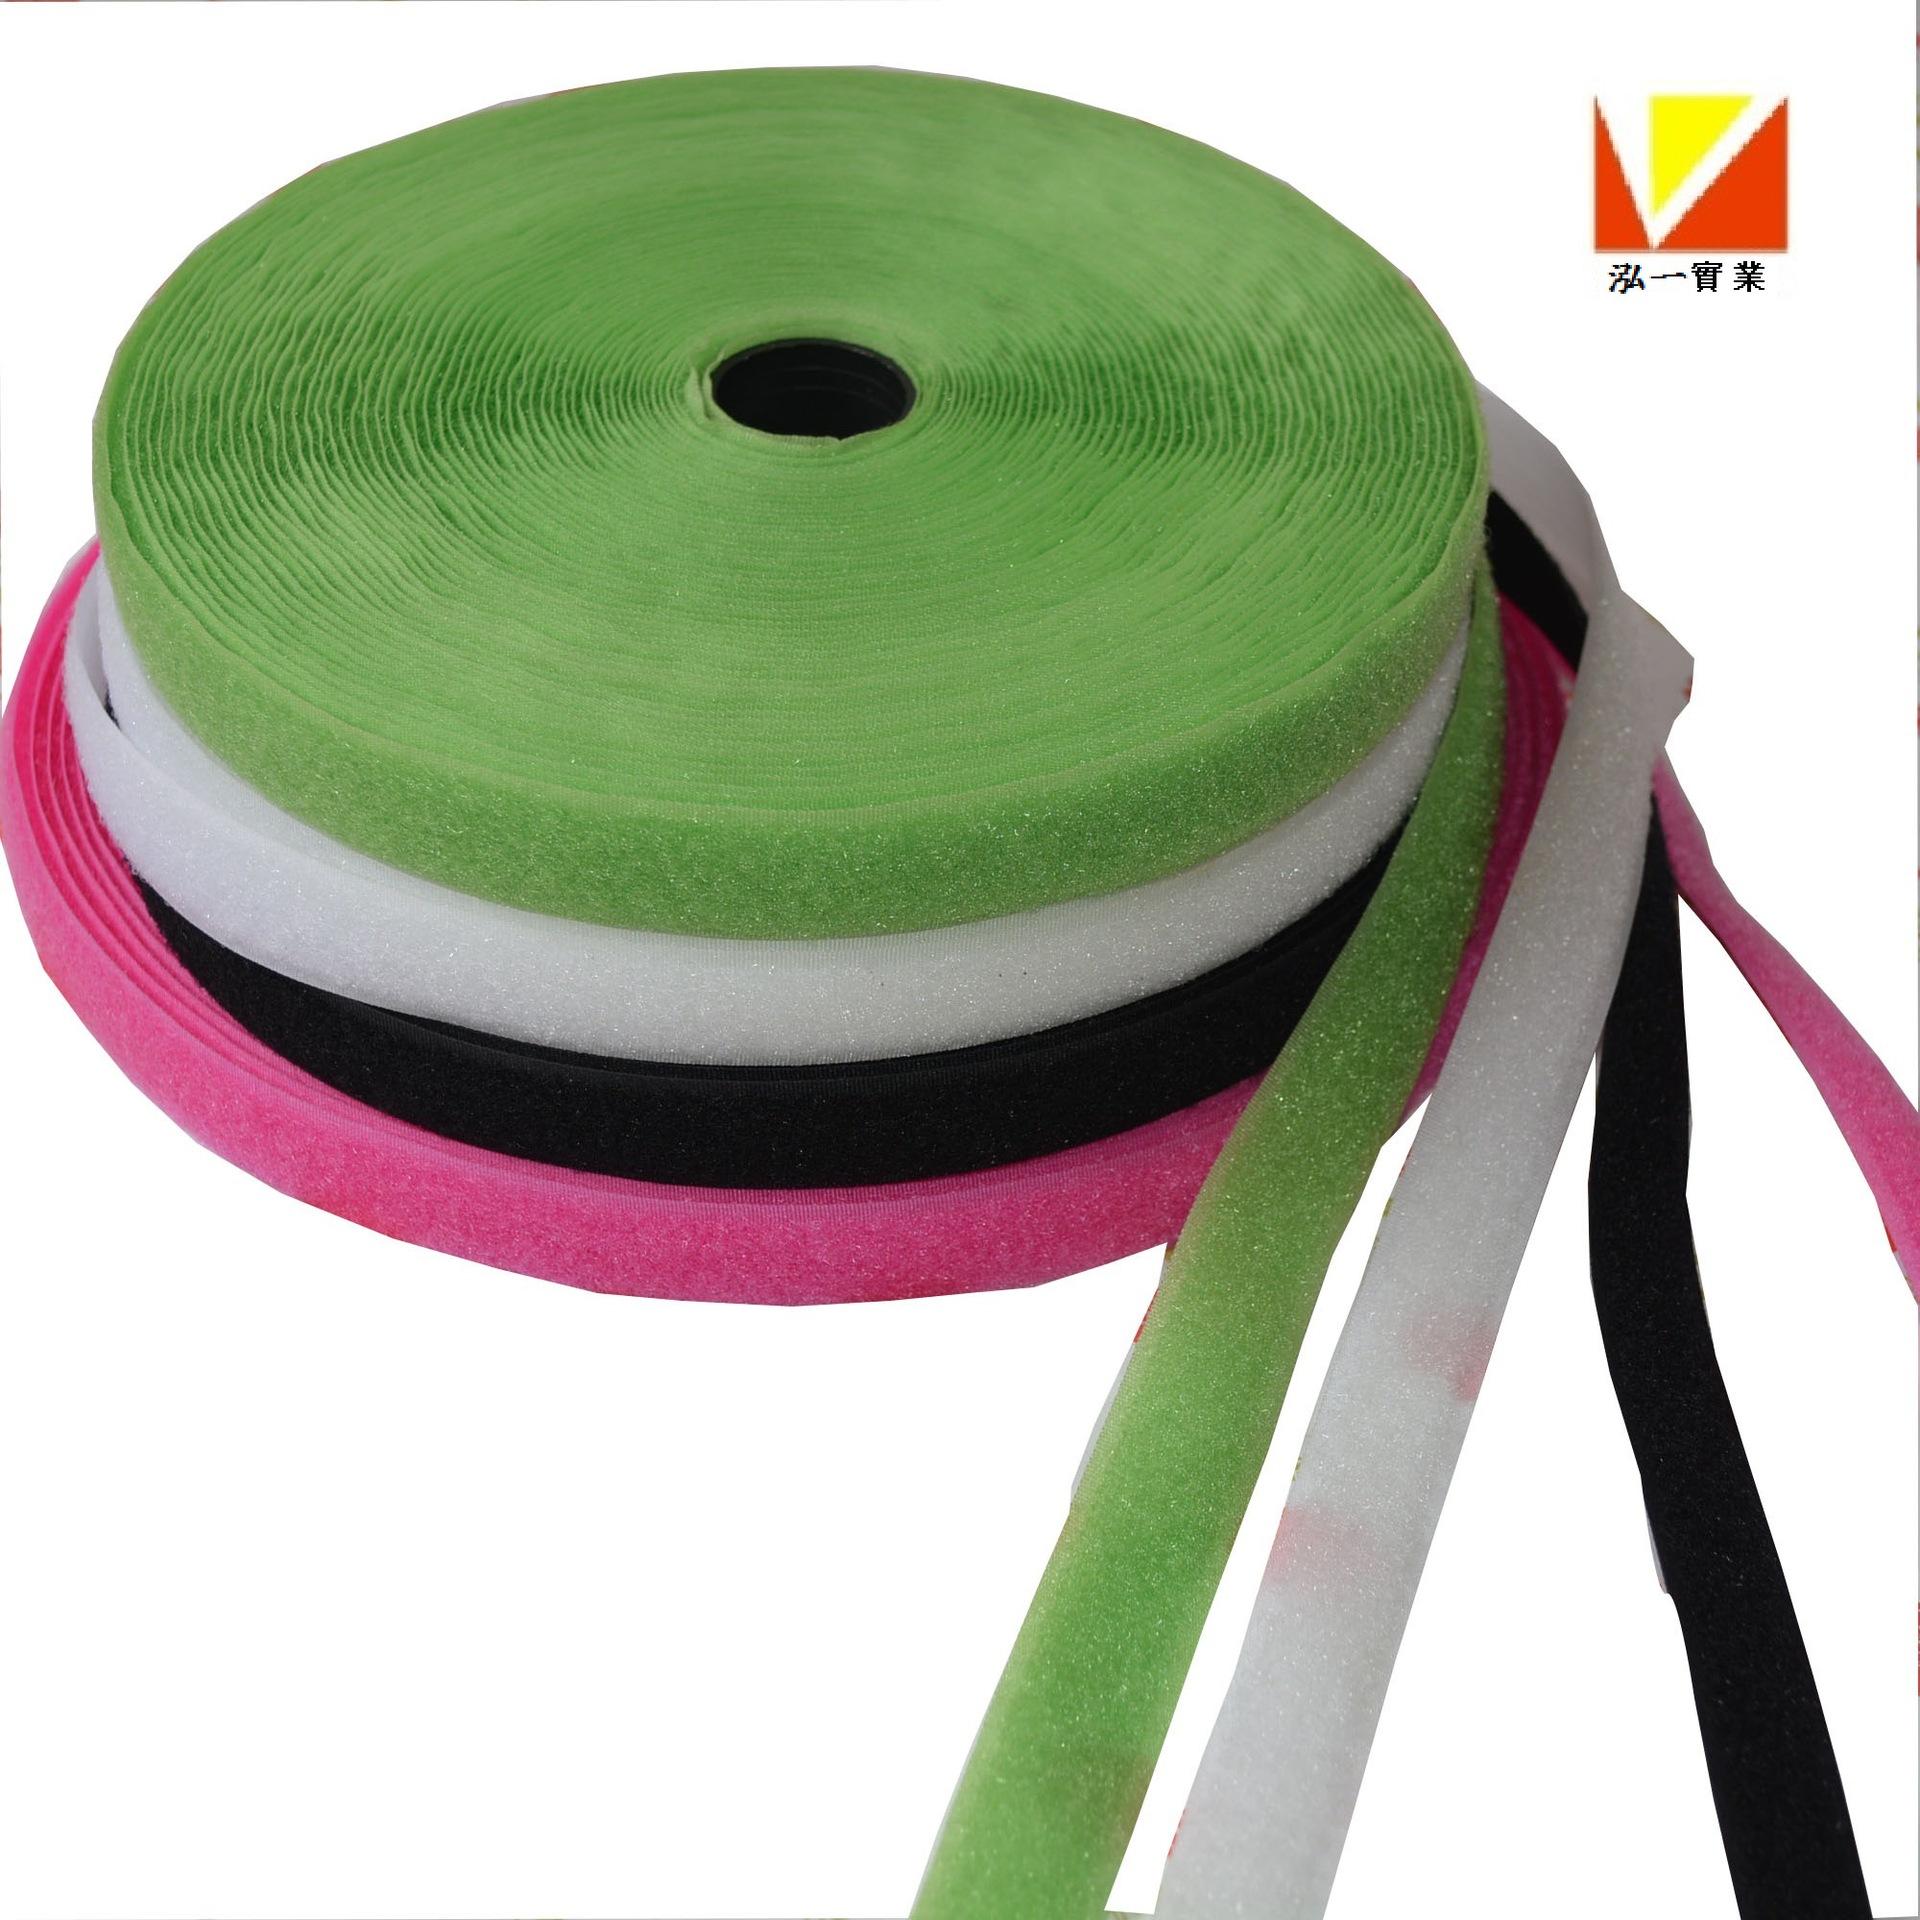 HONGYI Khoá dán Nhà máy Velcro trực tiếp Velcro tùy chỉnh Velcro bé khóa đen trắng dính với khóa lôn